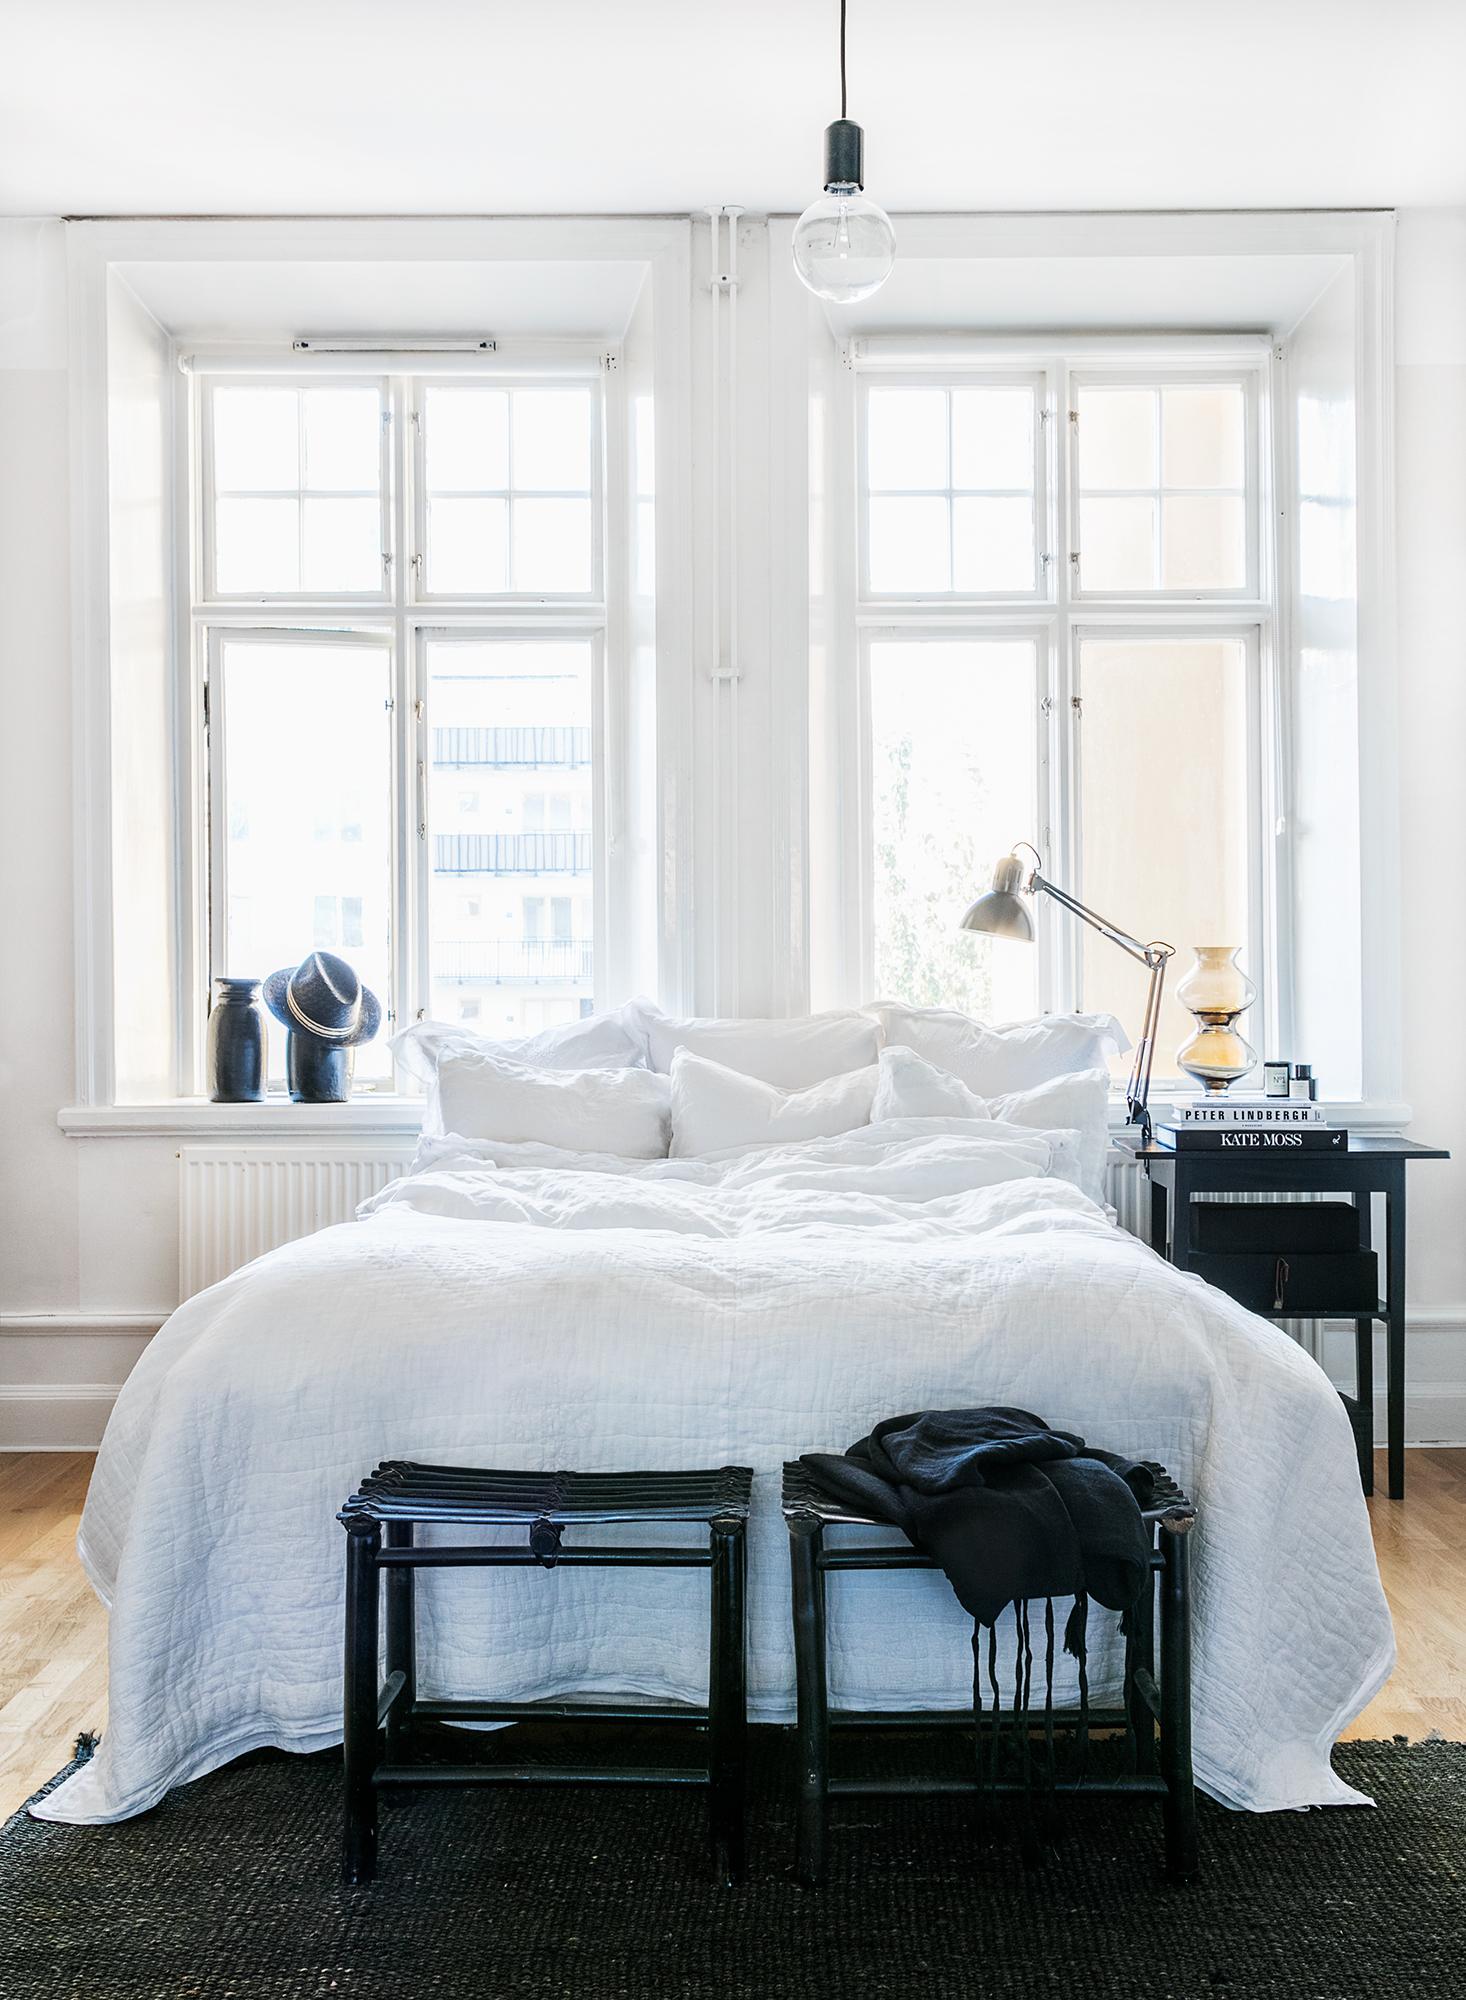 """Plats för vila. Marias säng är från Ikea med lakan i linne från H&M och stora kuddvar från DAY Home. """"Det finns inget bättre att sova i än skrynkliga krispiga linnelakan."""" Pallar från Housedoctor och sängbord/träurnor vintage. Rökfärgade glasvaser från Lene Bjerre."""